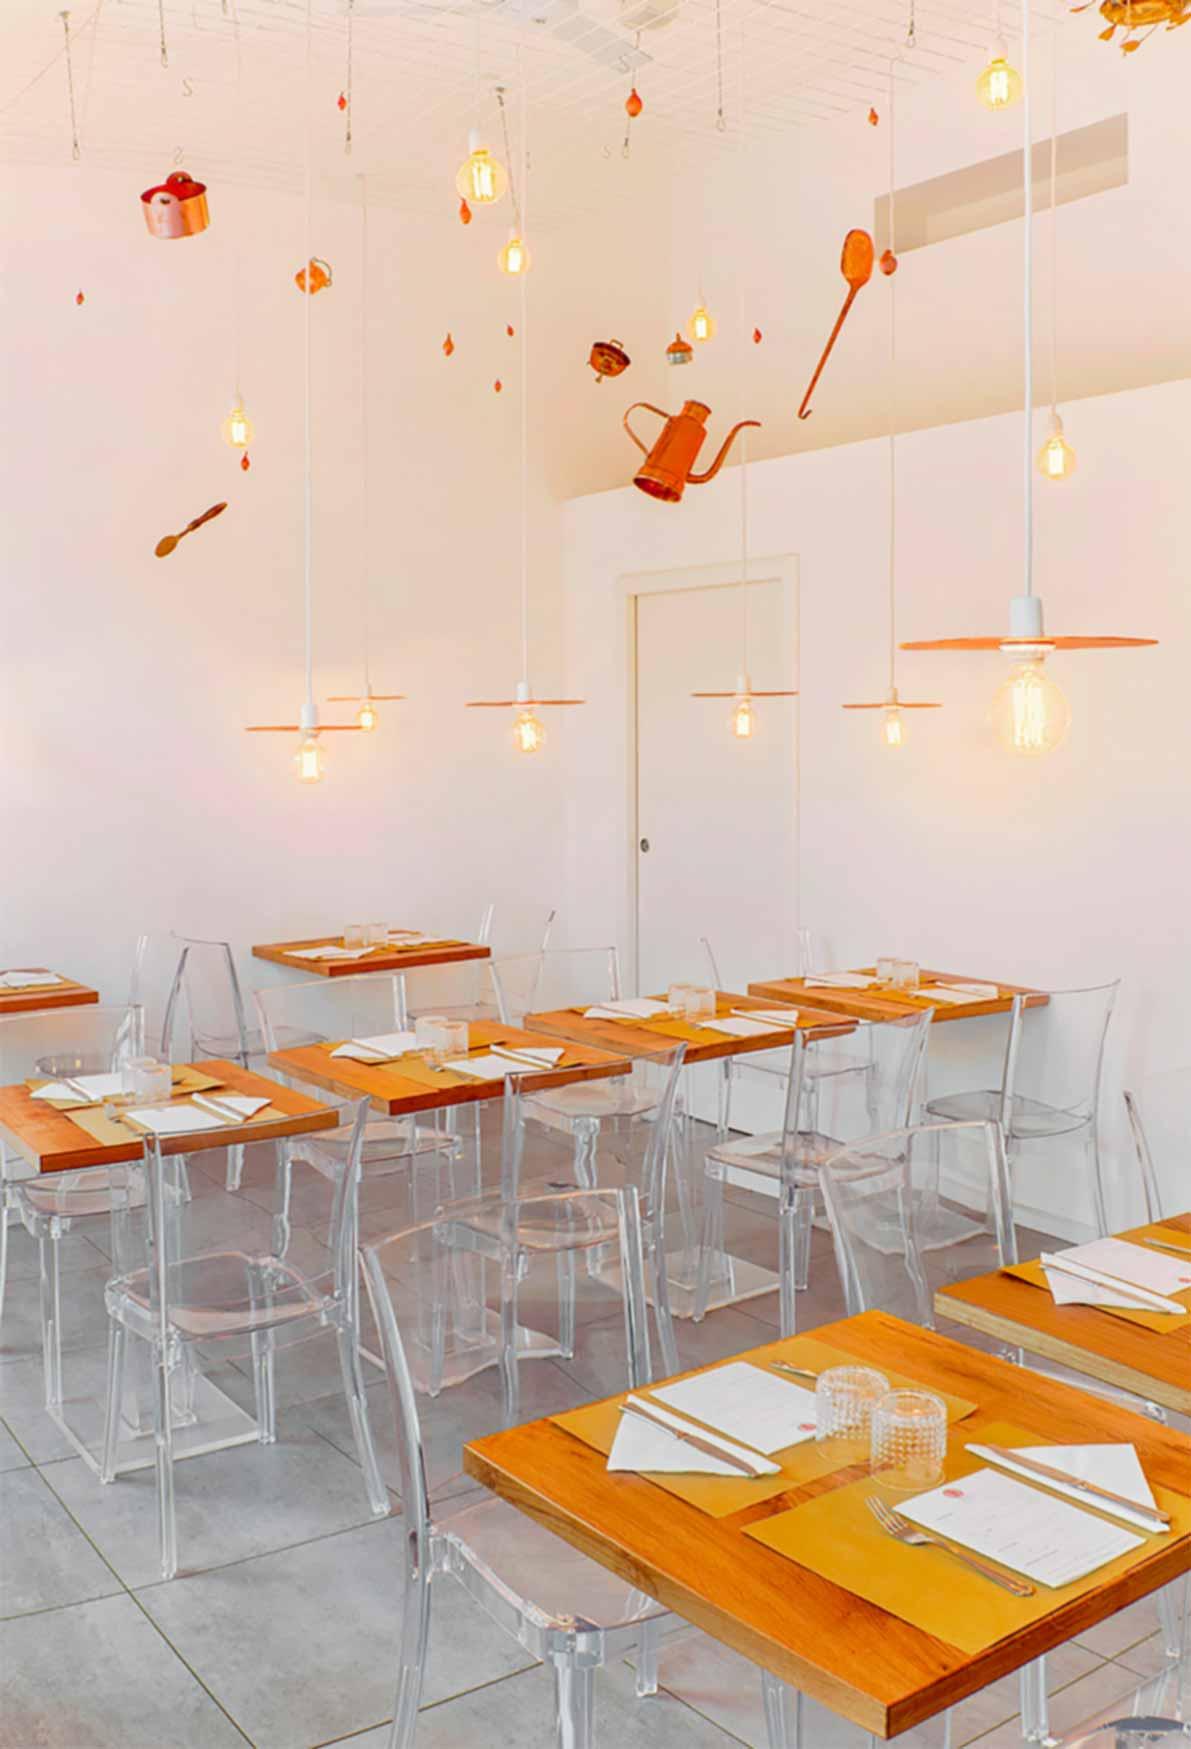 Ristorante Navigli di Milano Tagliabrodo | Zuppe, zupperia e alta cucina sui navigli di Milano | immagine Interni e tavoli